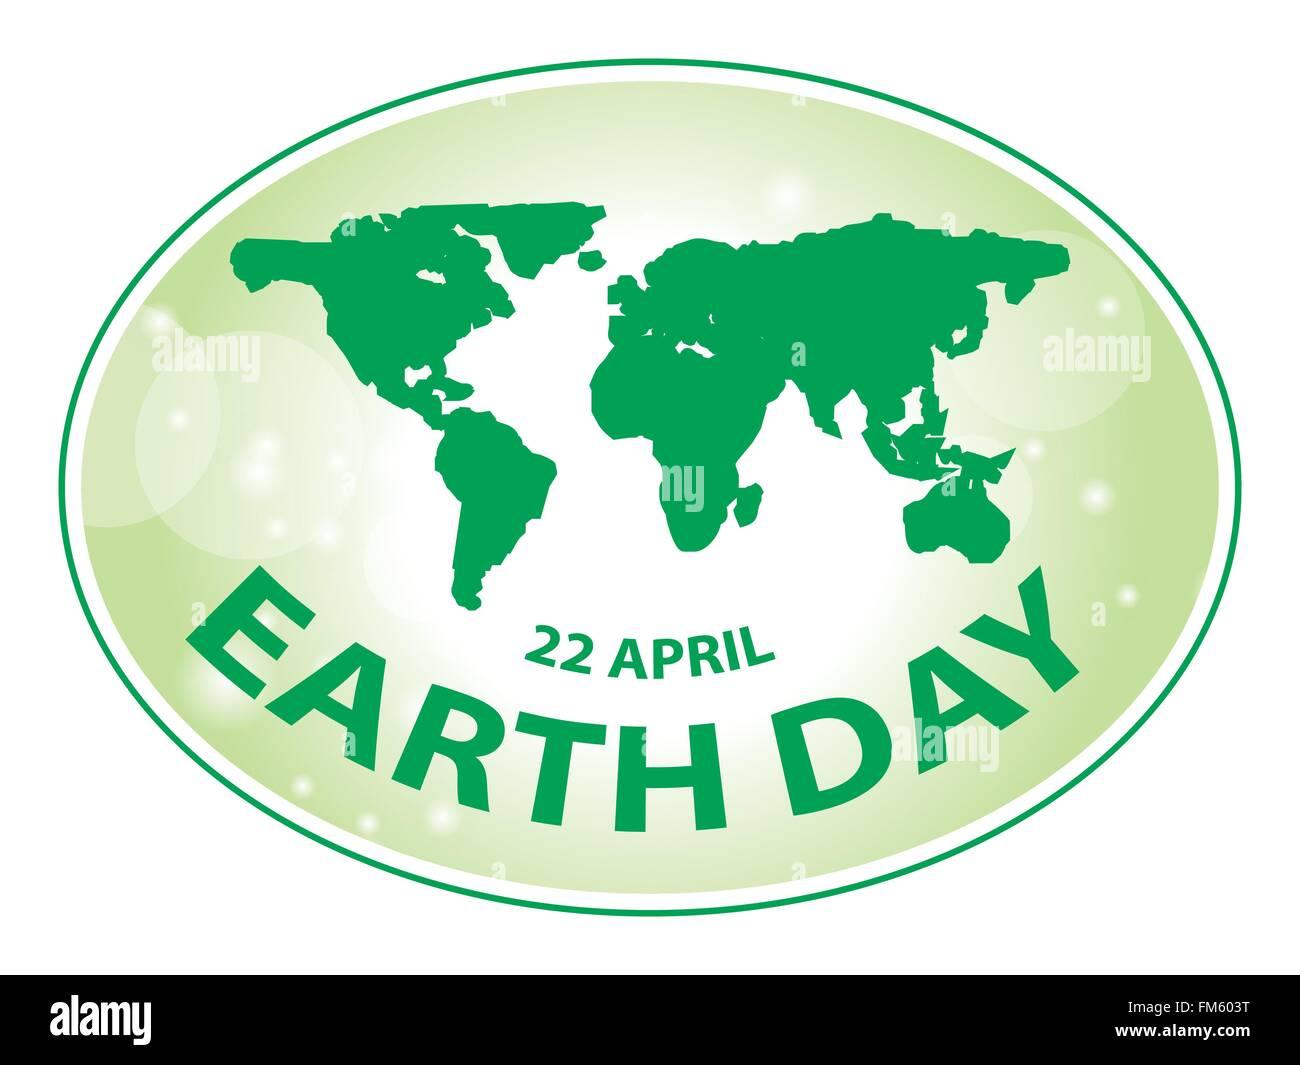 La giornata della terra green grunge banner mappa illustrazione vettoriale 2 Immagini Stock